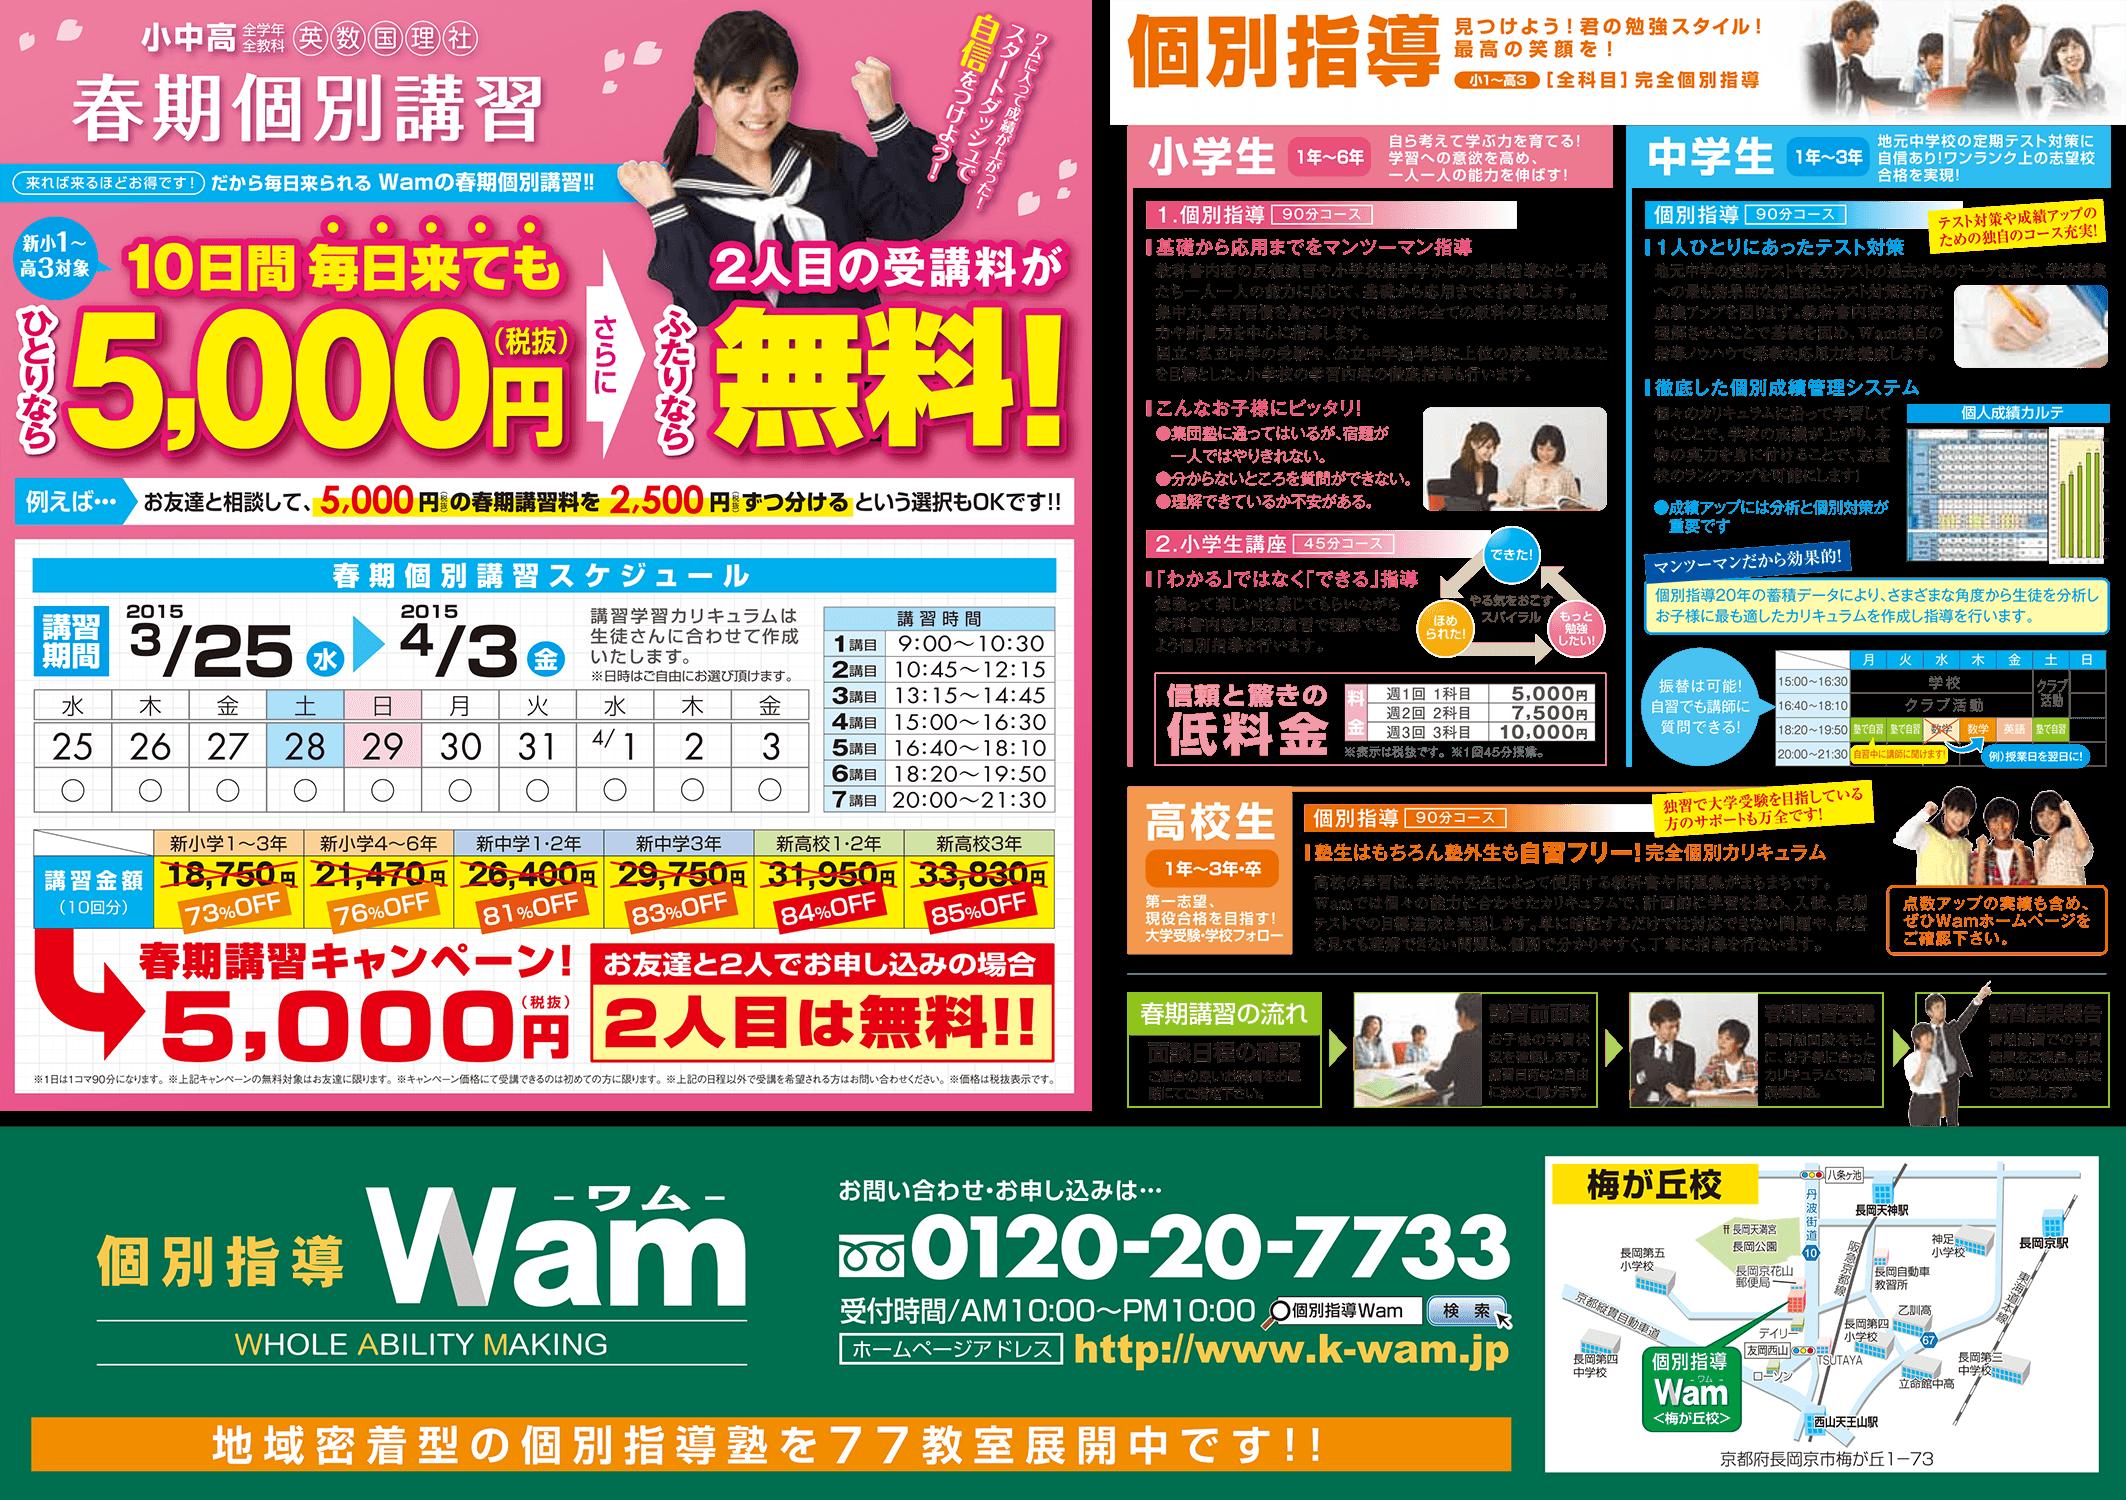 2015年春期講習 京都・ウラ面